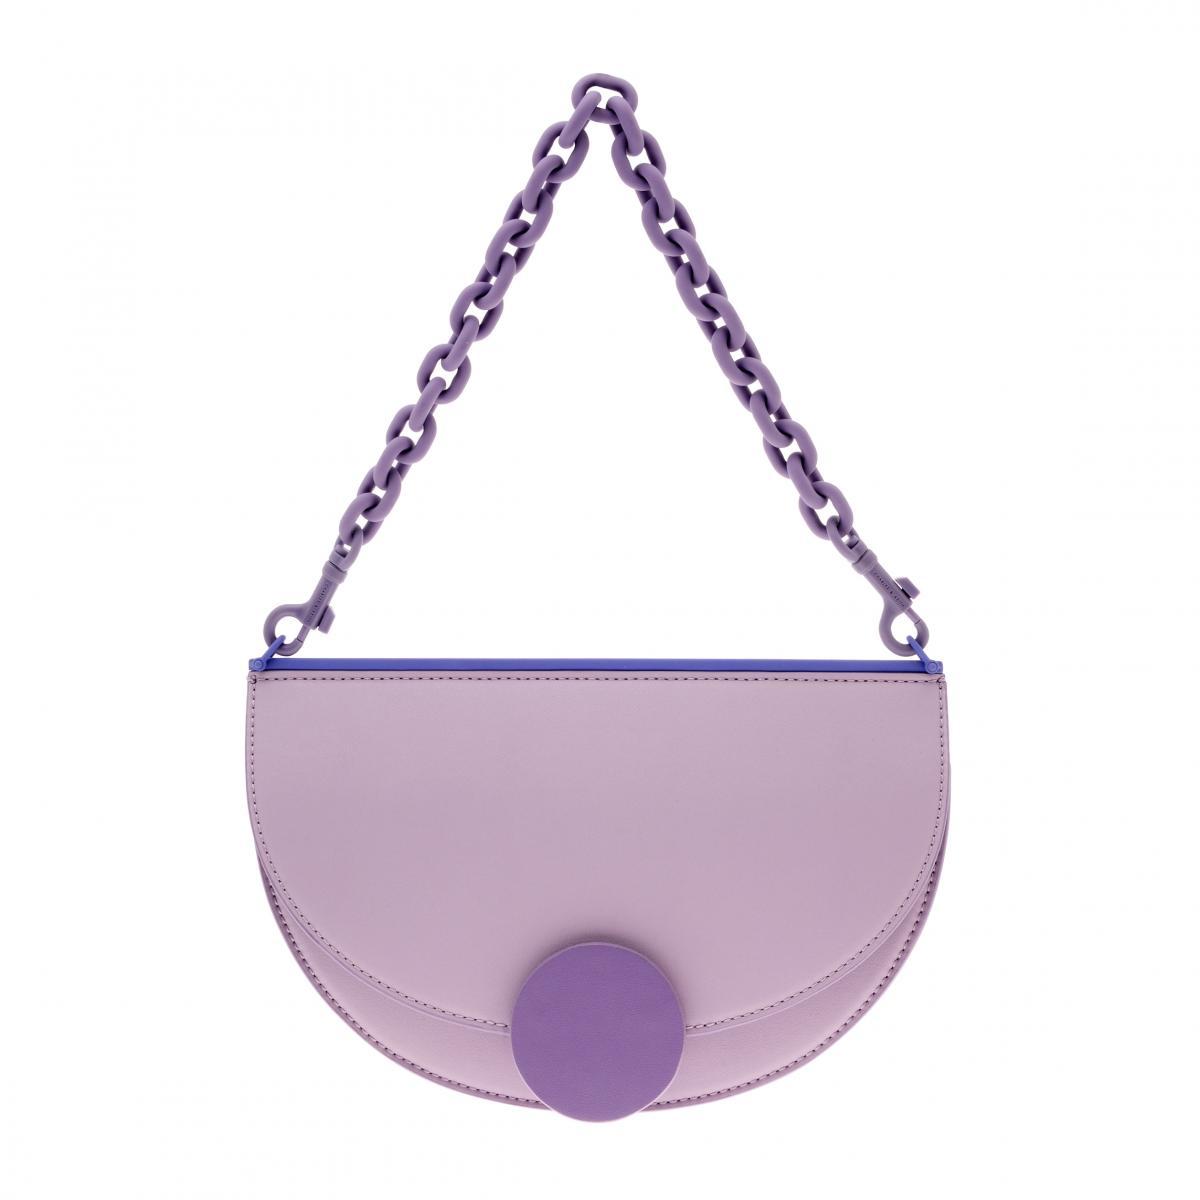 Charles & Keith包包紫色系推薦Top 6!水桶包 、小方包 、幾何翻蓋半圓包...全部3000元有找!-3